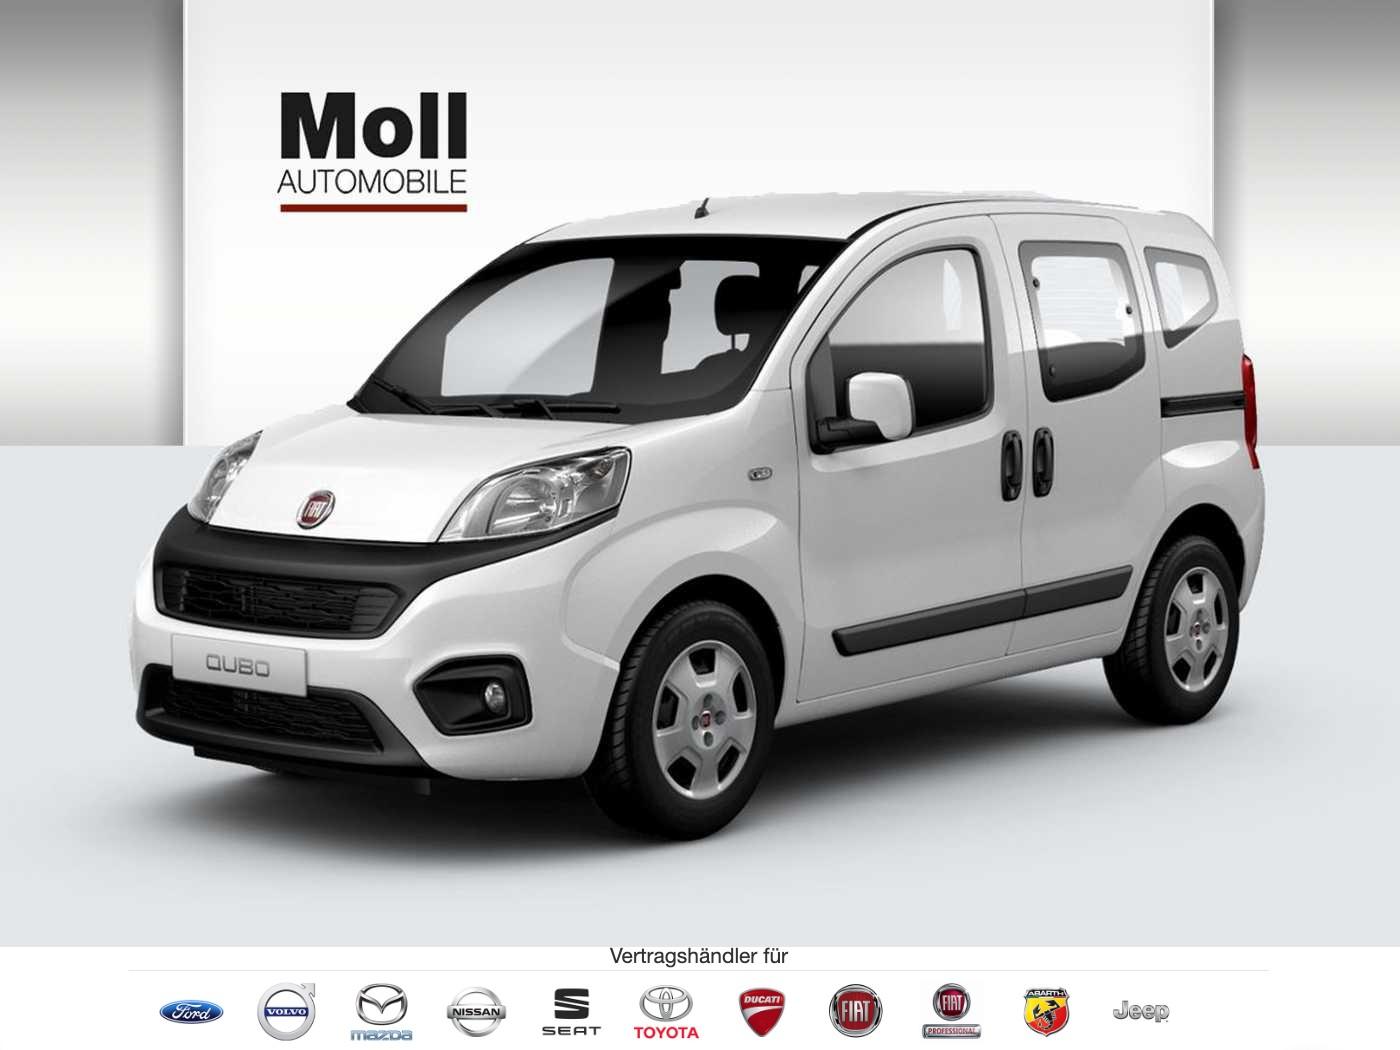 Fiat Qubo 1.4 8V Lounge - Navi, Sitzheizung, Parksensoren, Jahr 2018, Benzin